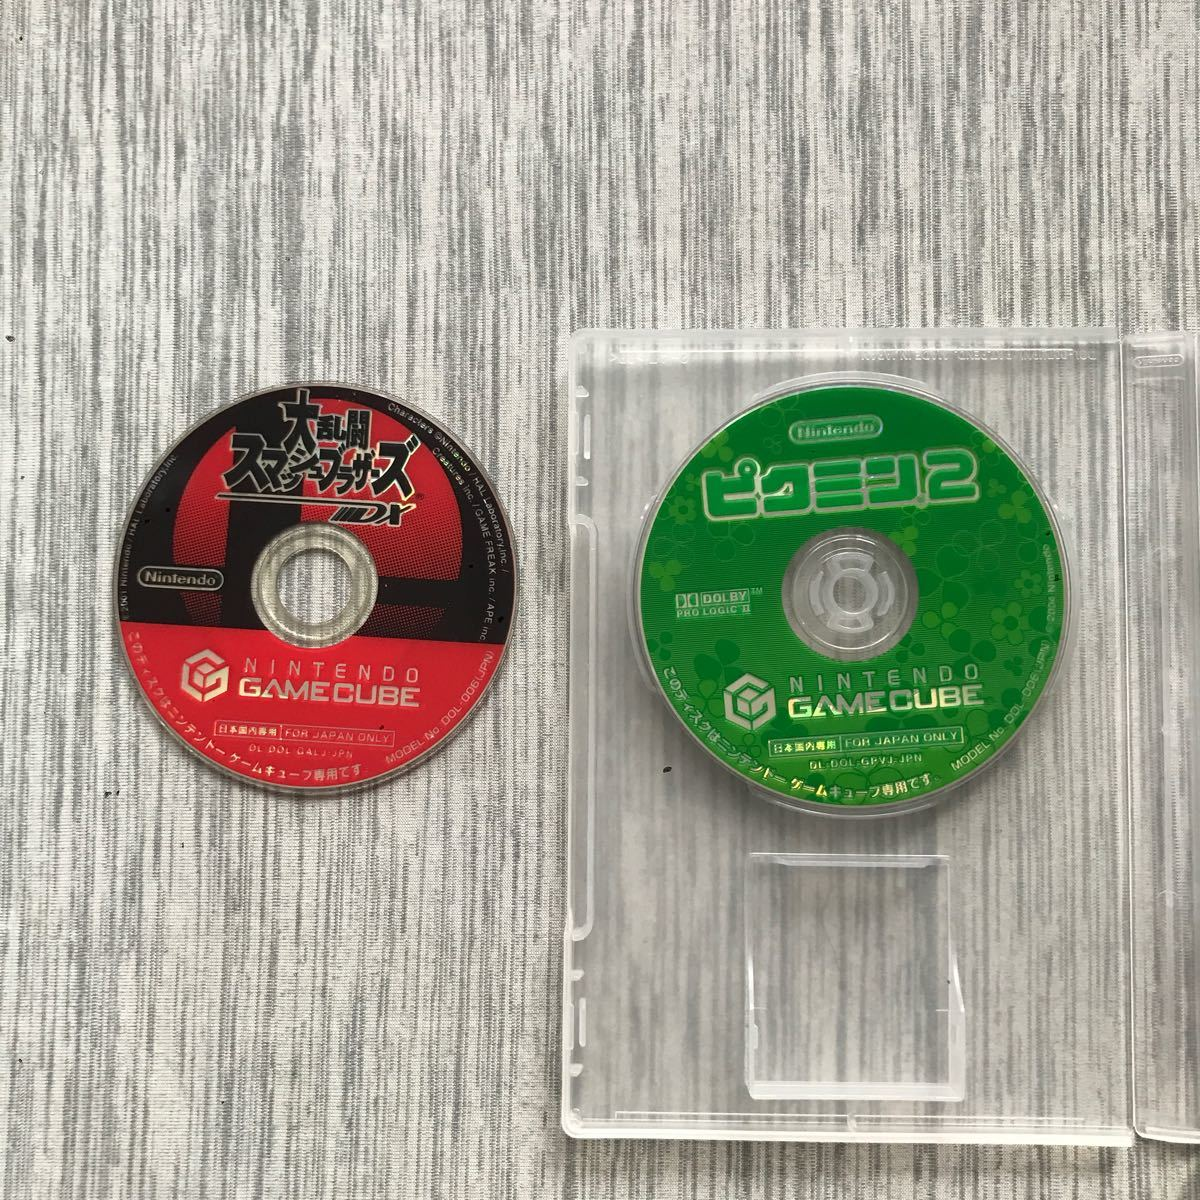 大乱闘スマッシュブラザーズDX、ピクミン2セット!